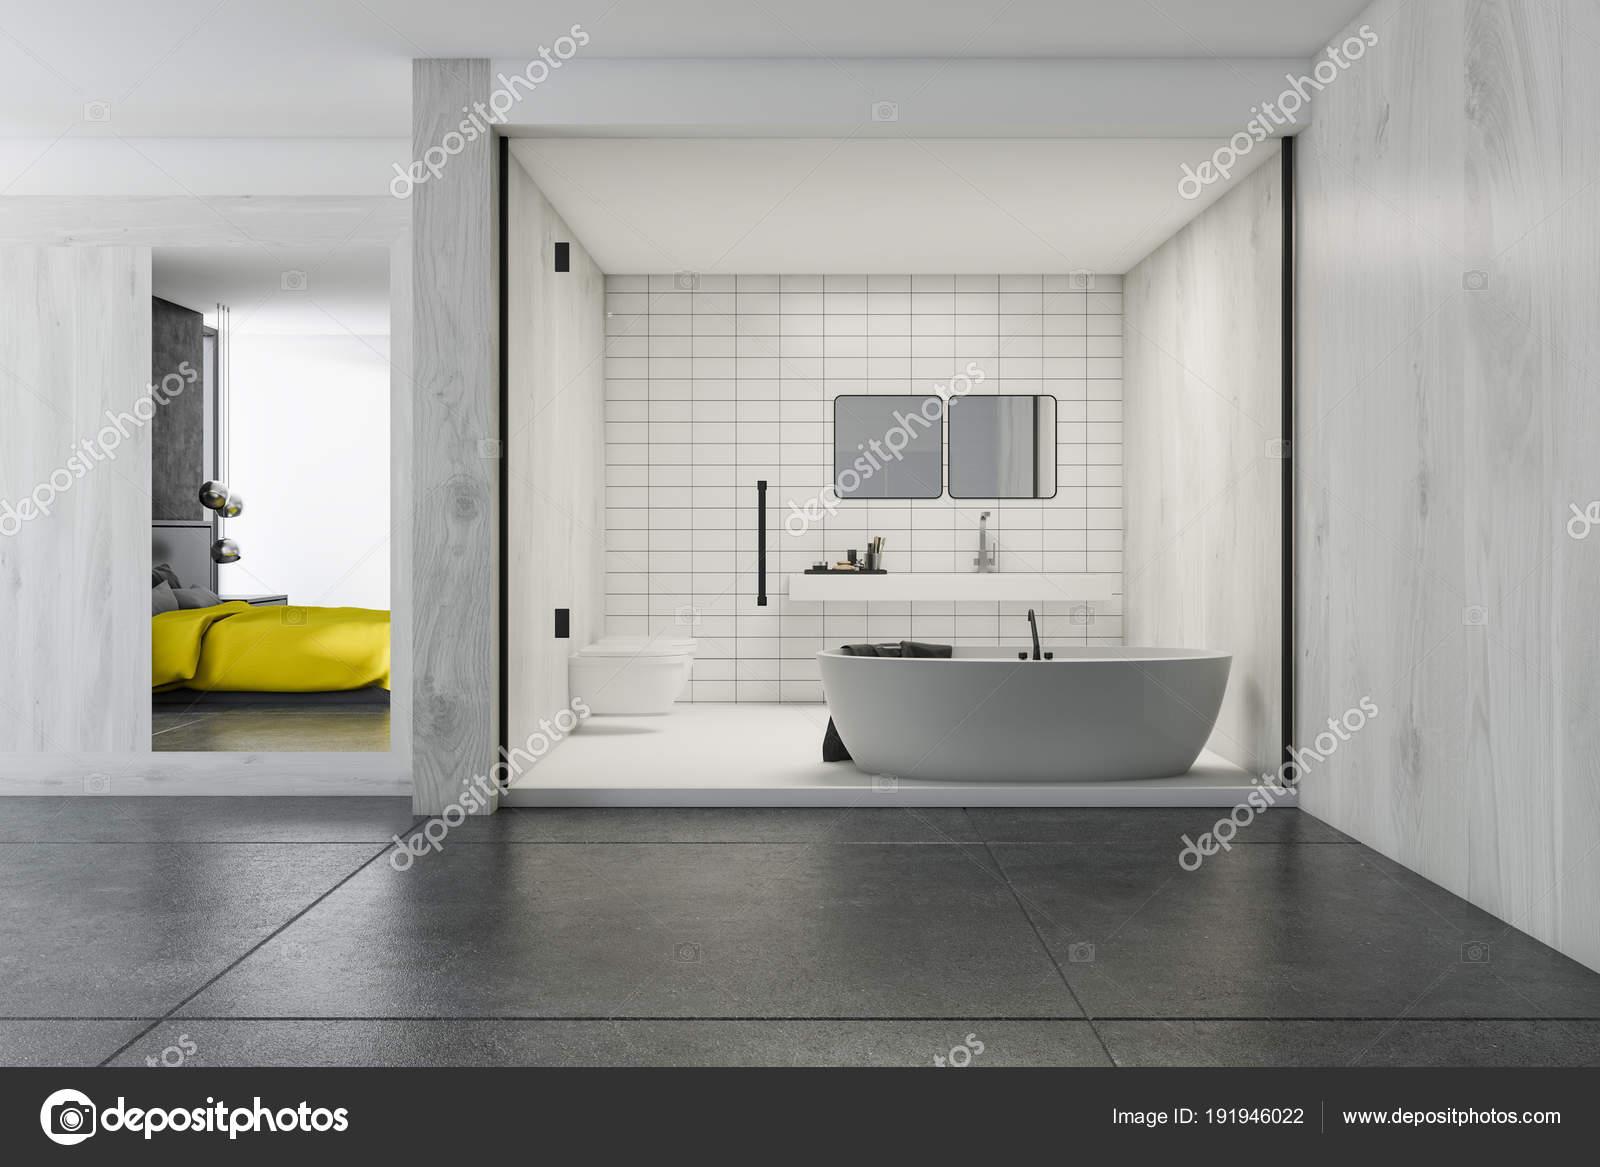 Gefliestes Badezimmer und ein Schlafzimmer — Stockfoto ...